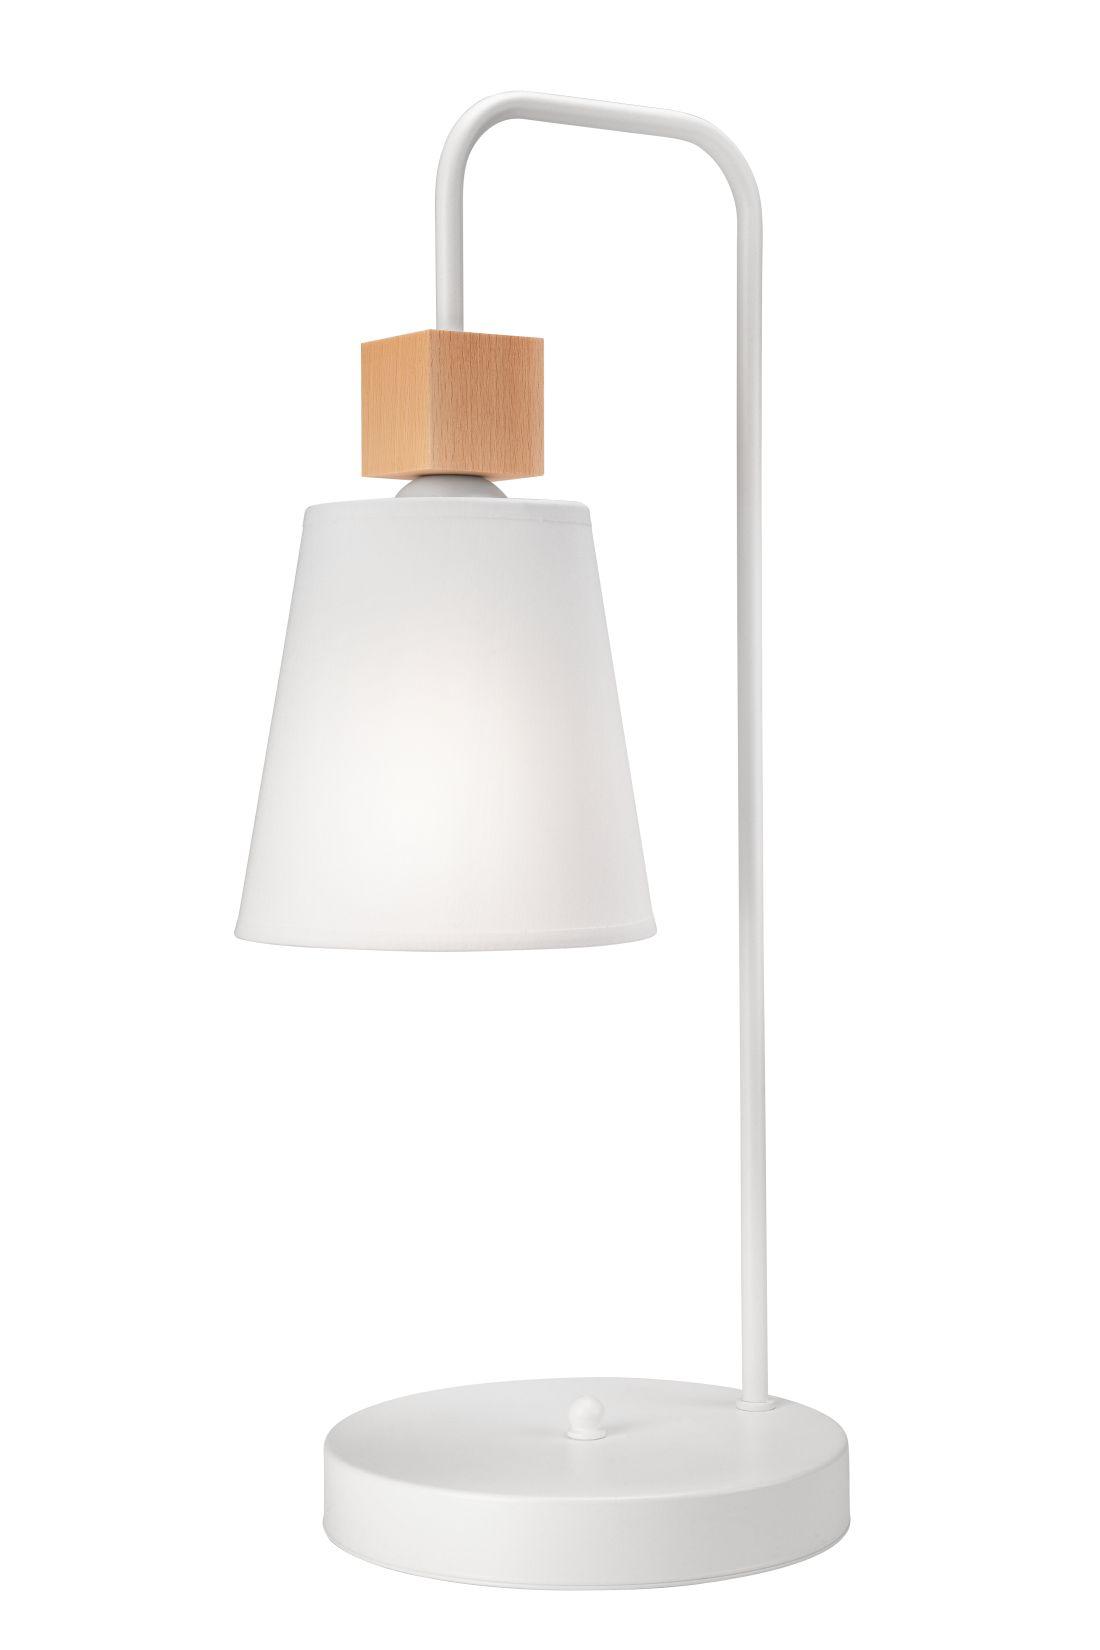 Stylische Tischlampe REILLY Weiß Skandinavisch